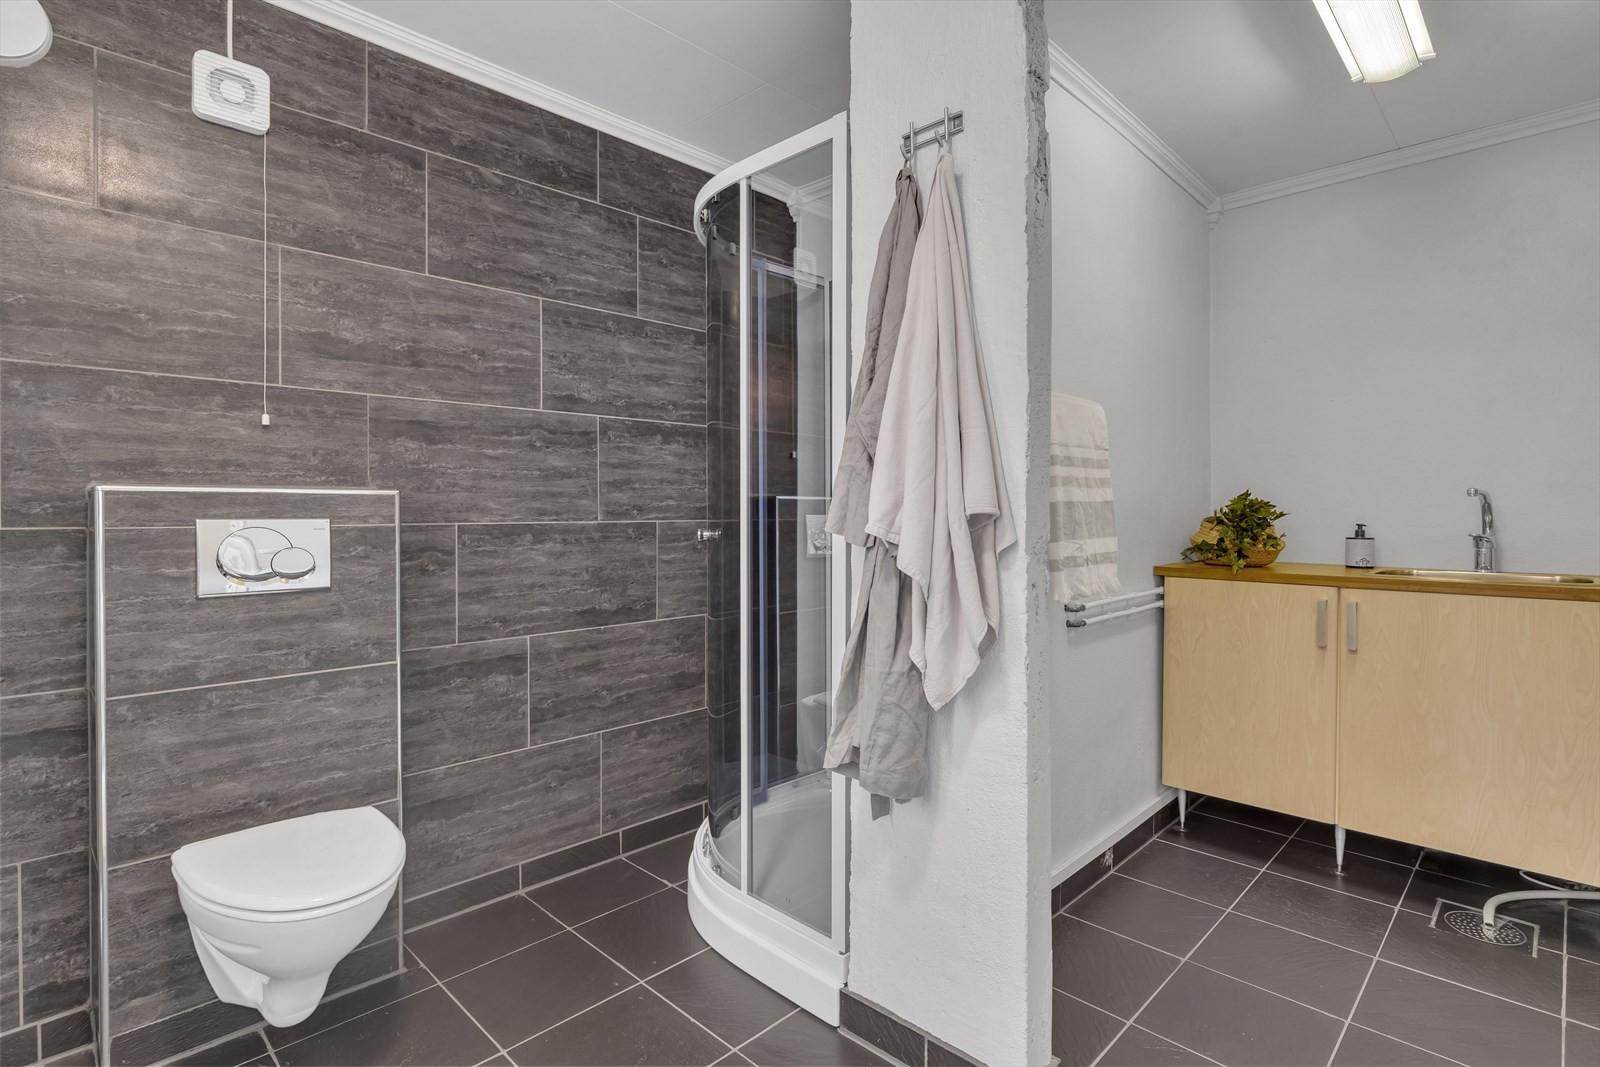 Romslig badrom med dusjkabinett og vegghengt toalett.